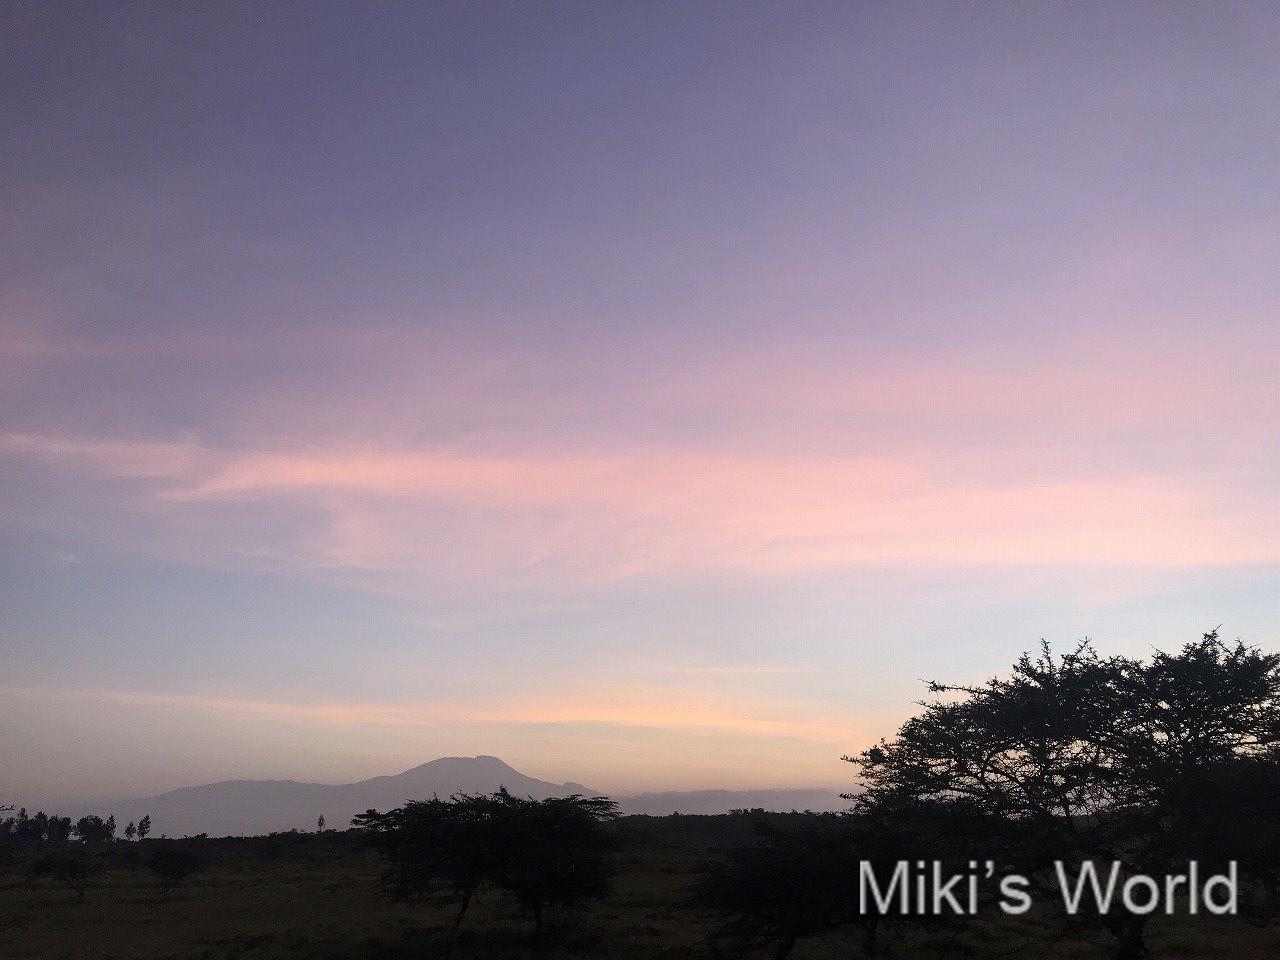 北部タンザニアにサファリに訪れて、キリマンジャロ山を見るには